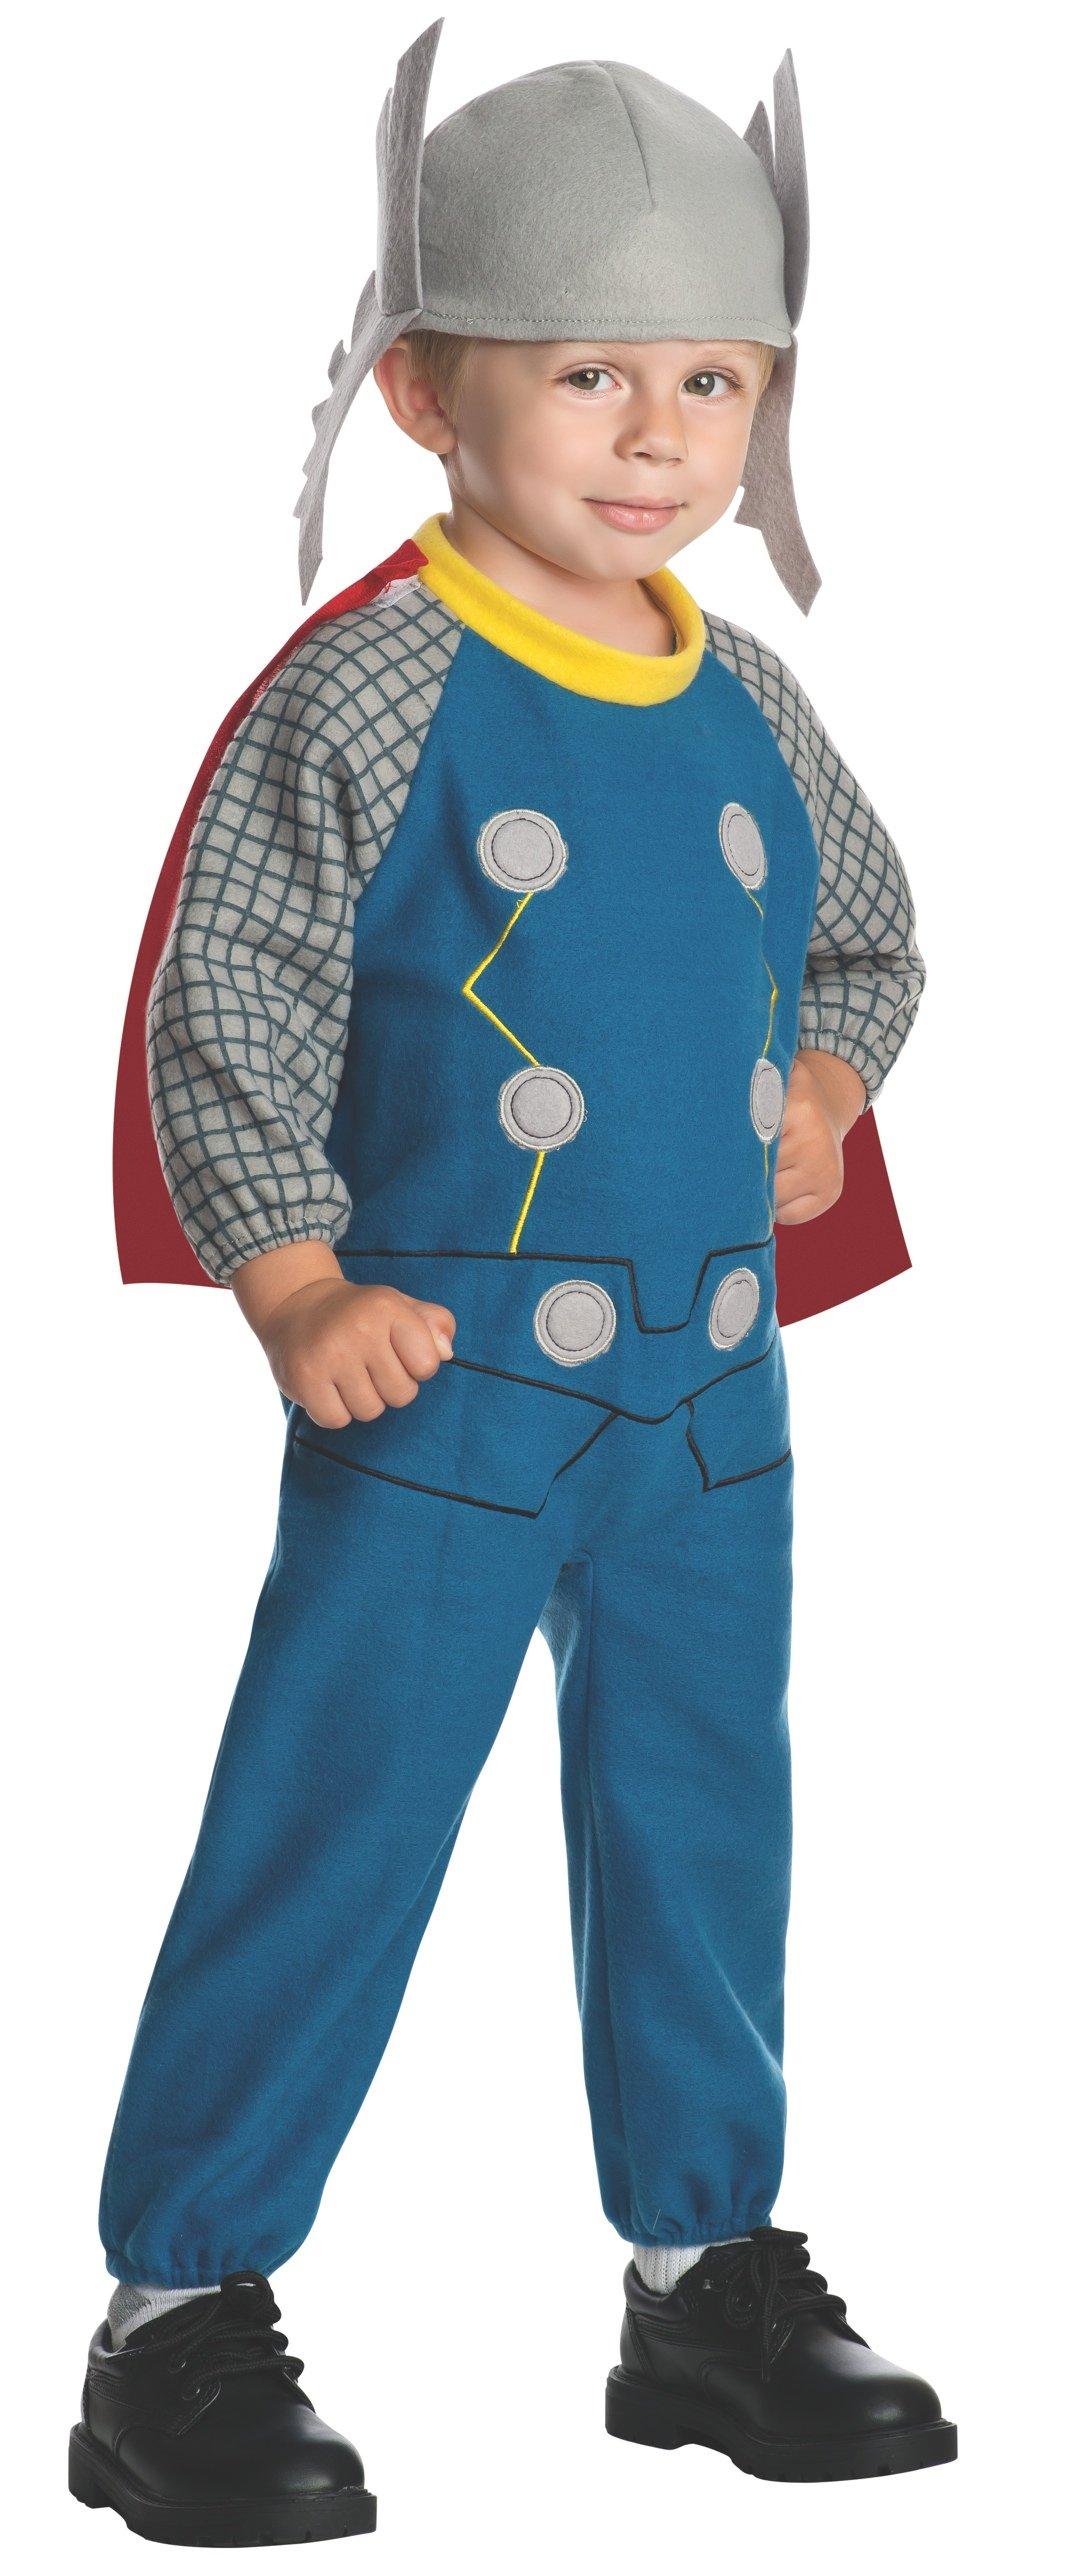 Marvel Rubie's Baby's Classics Avengers Assemble Fleece Thor Costume, Multi, Toddler